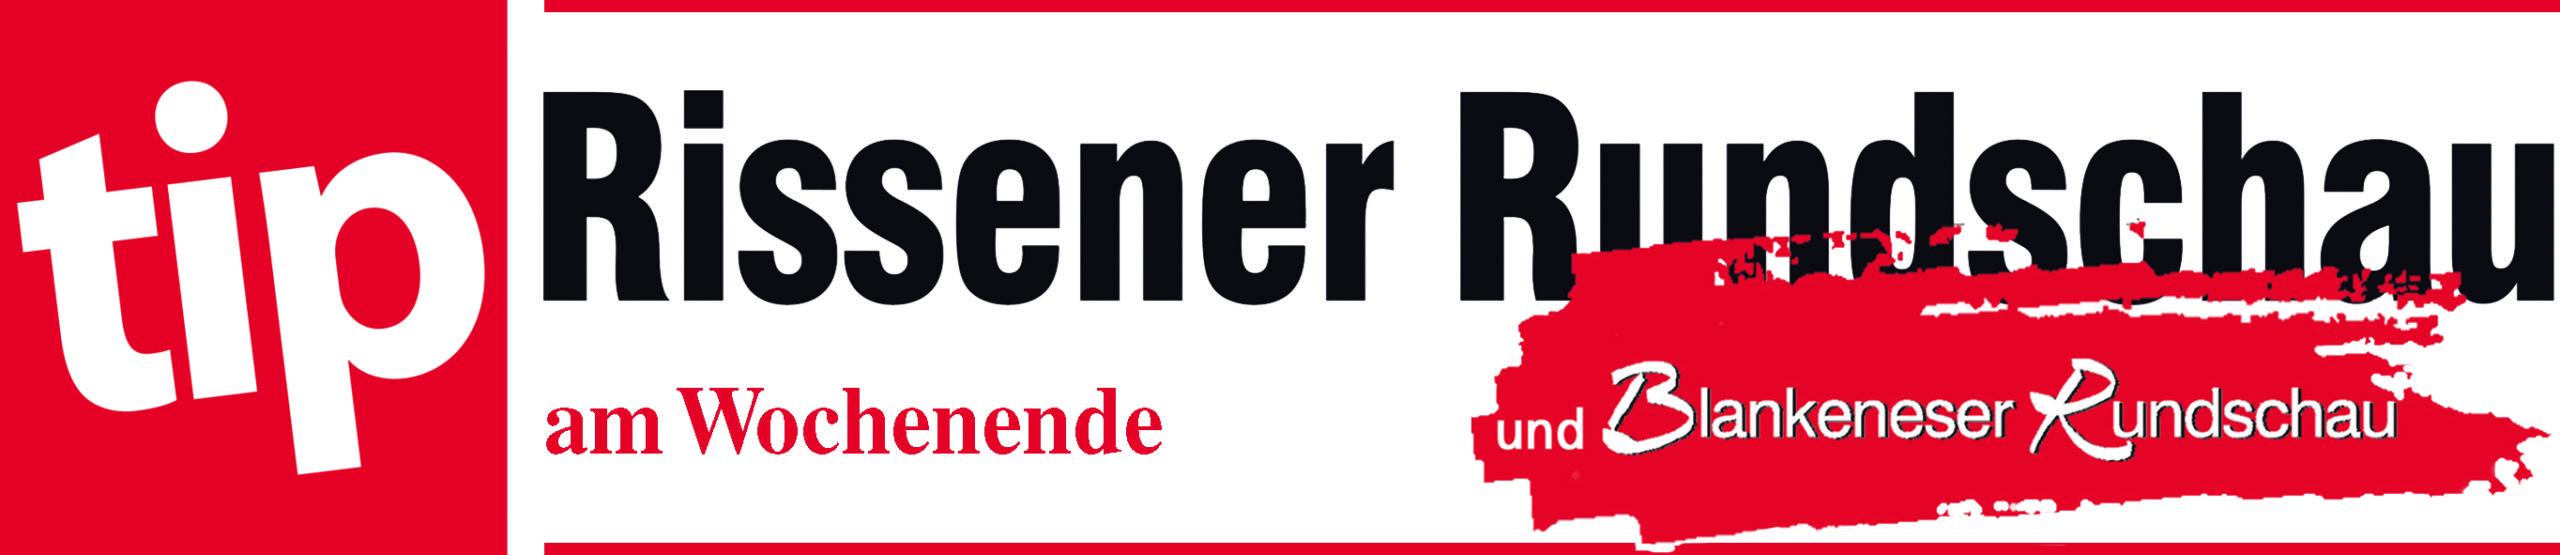 tip_Rissener_Rundschau_5sp